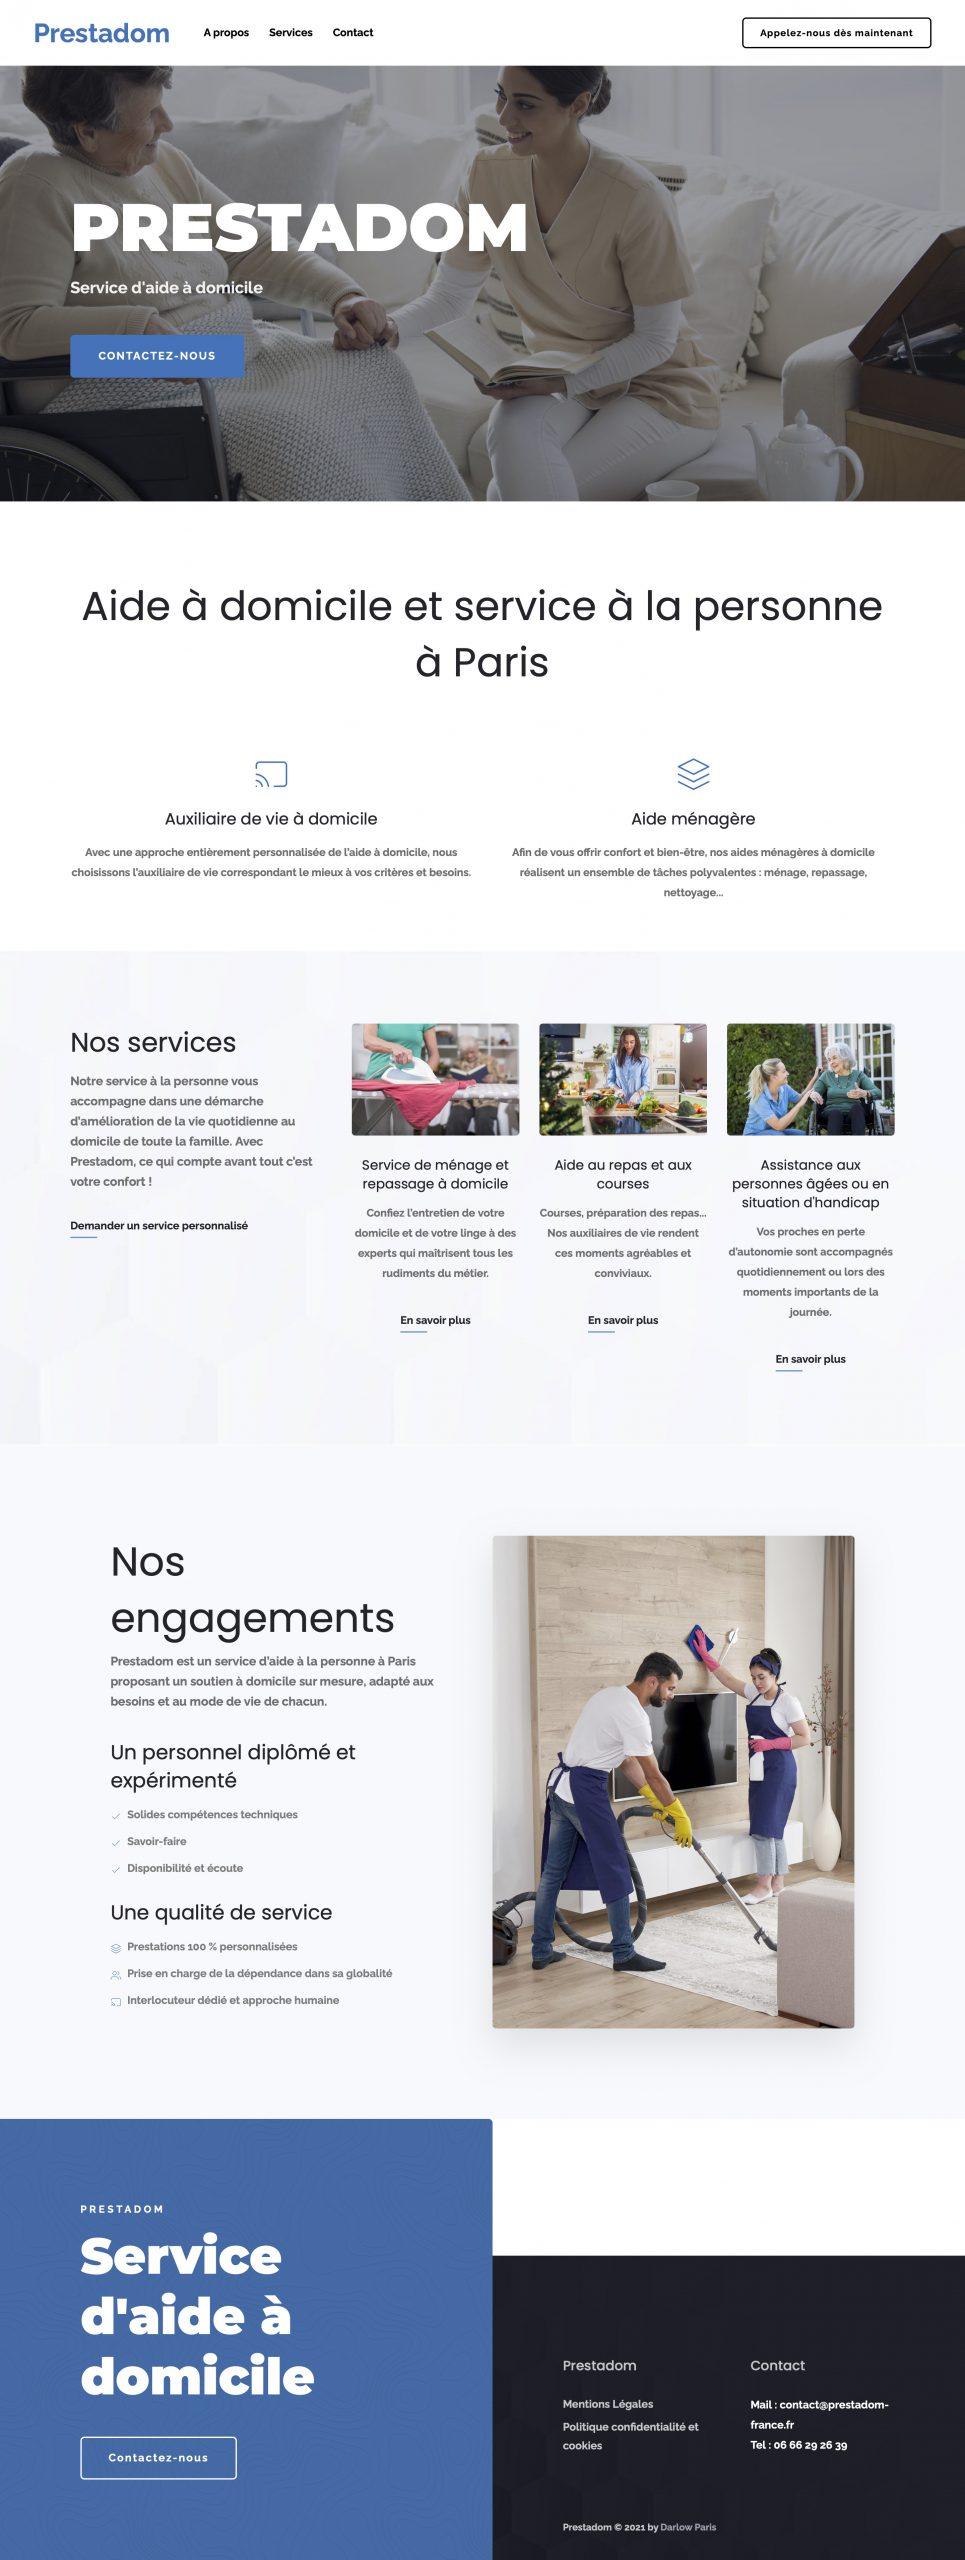 Prestadom – Service d'aide à domicile - Darlow Paris - Site vitrine